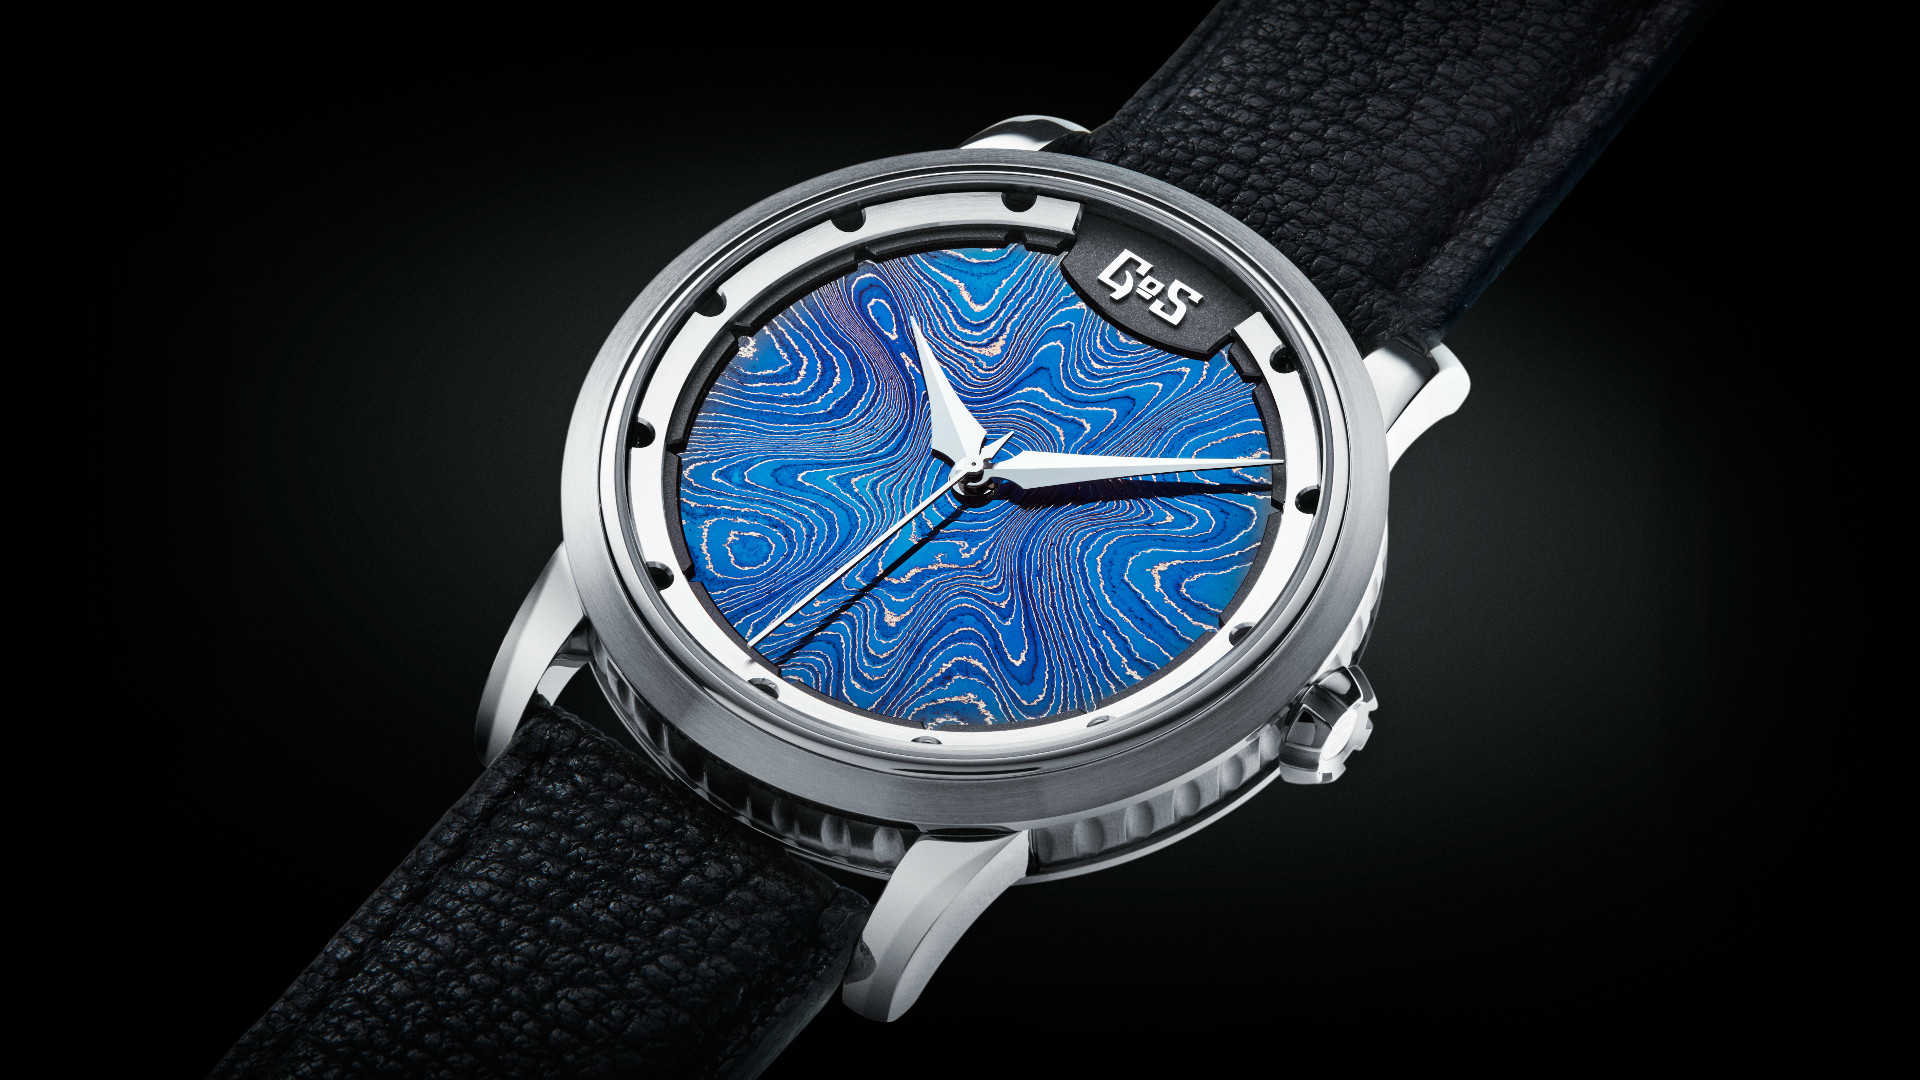 GoS watches Sarek Ice Blue watch